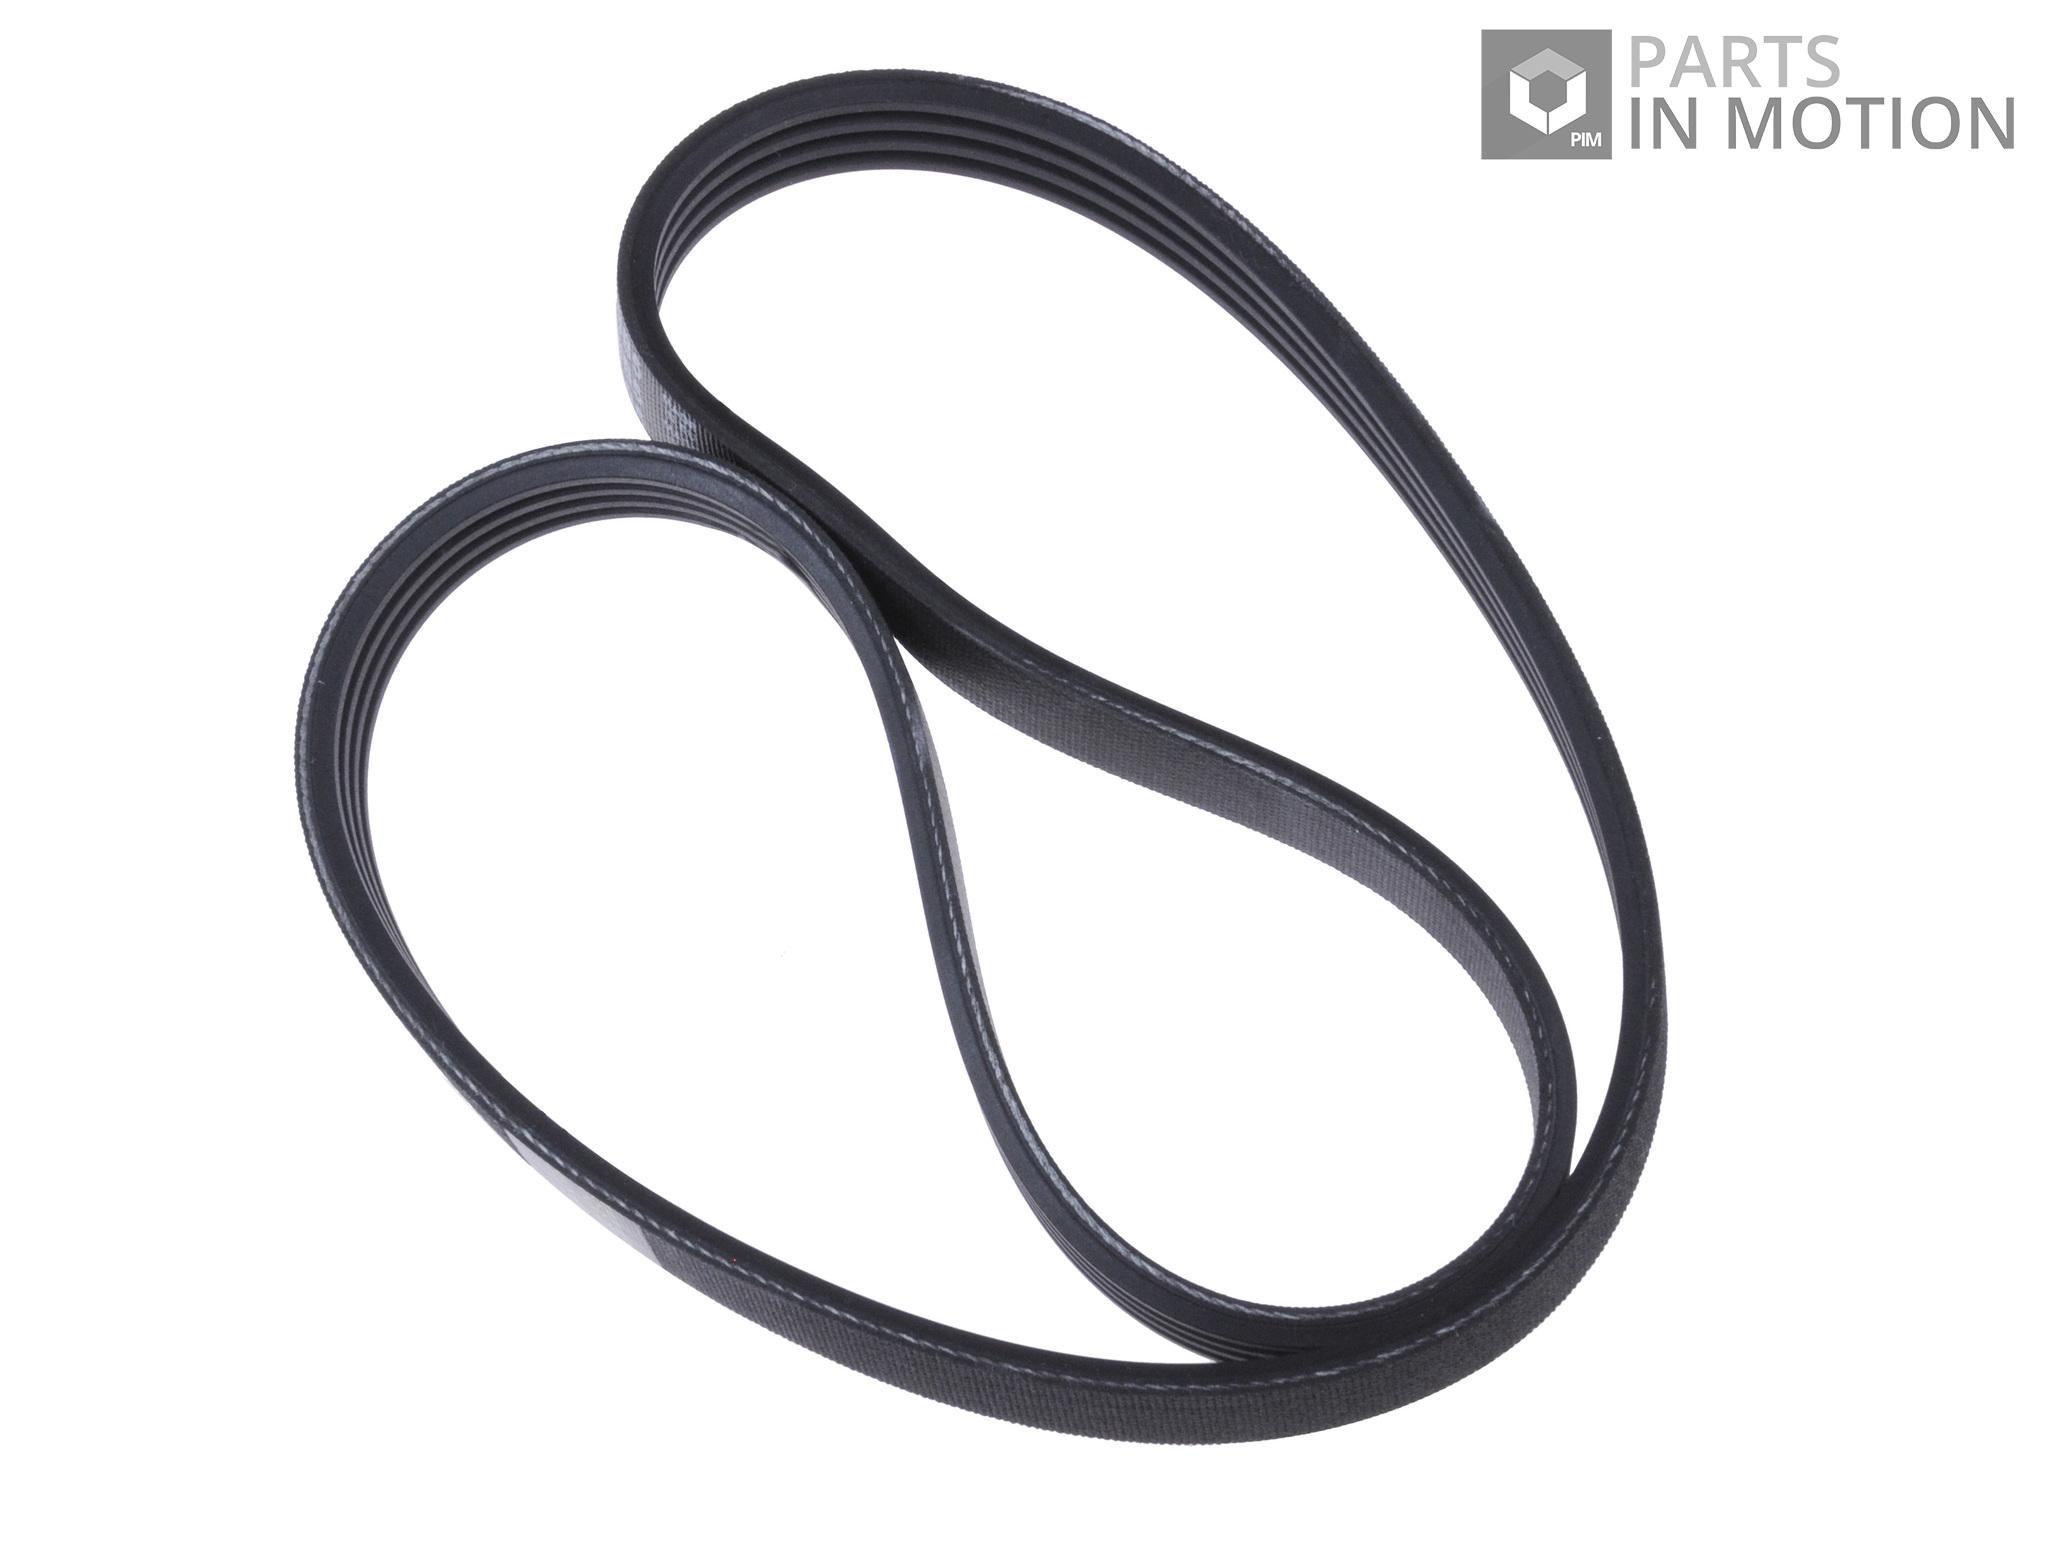 Multi V Drive Belt fits HONDA CIVIC EM2 1.7 01 to 05 ADL 1752185300 Quality New